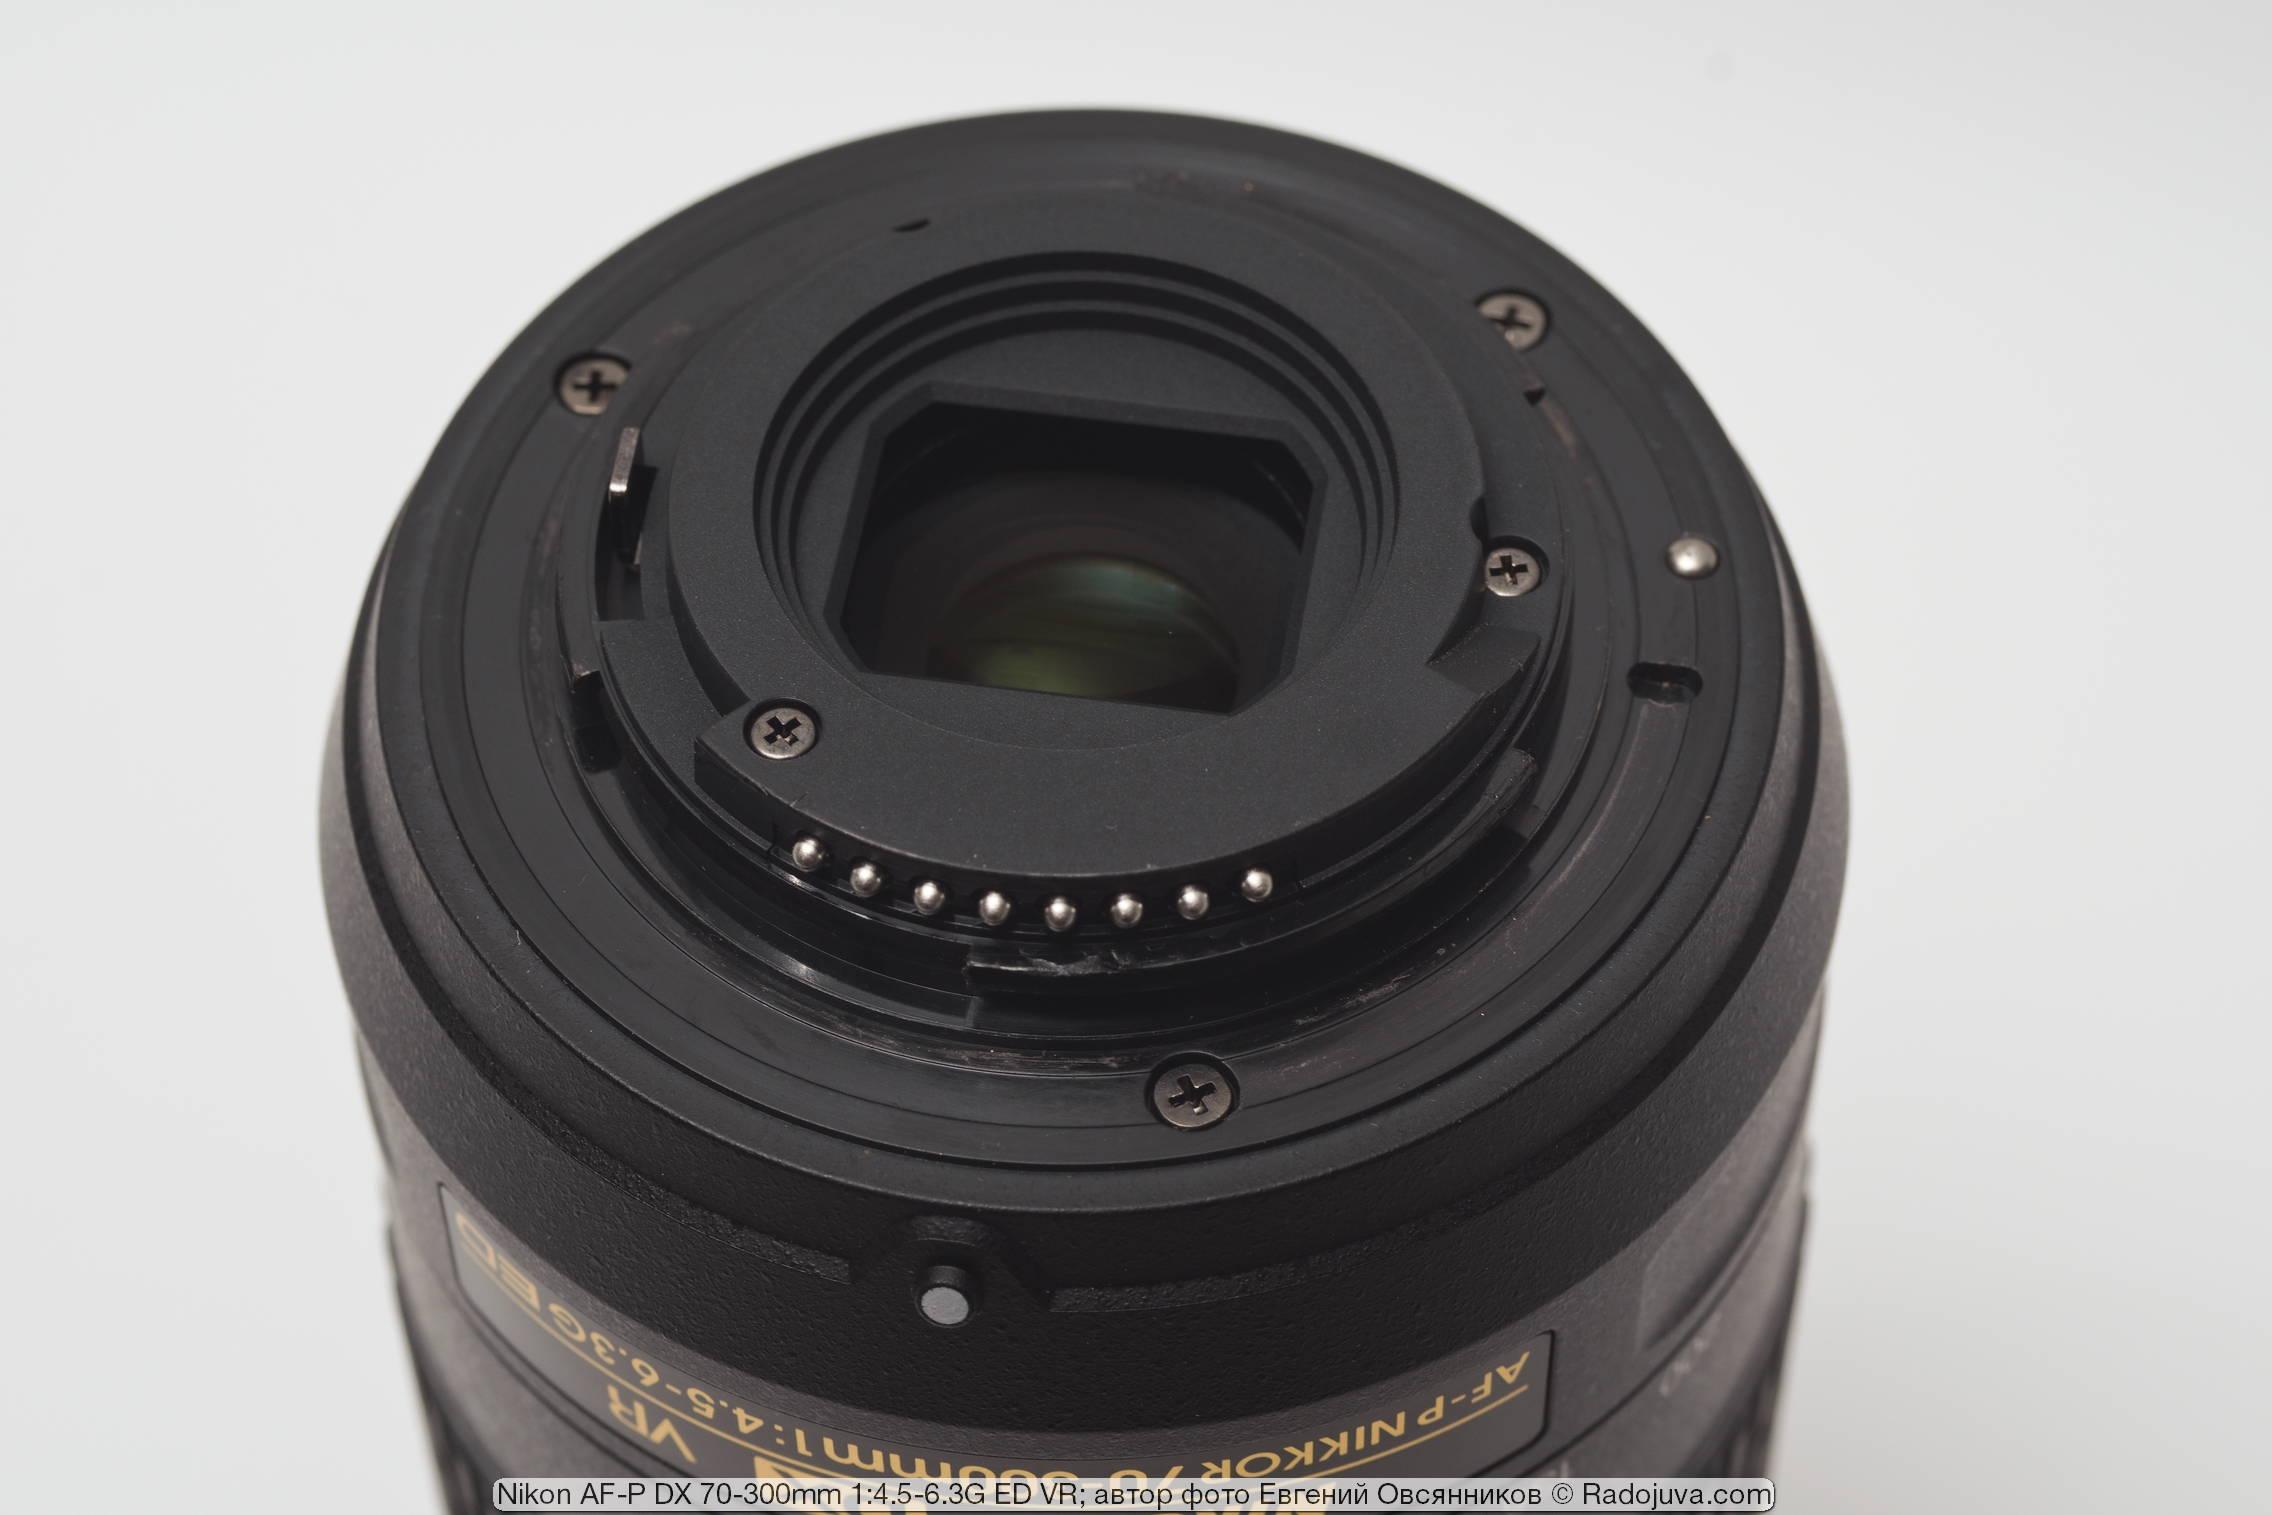 Nikon AF-P DX 70-300mm 1:4.5-6.3G ED VR